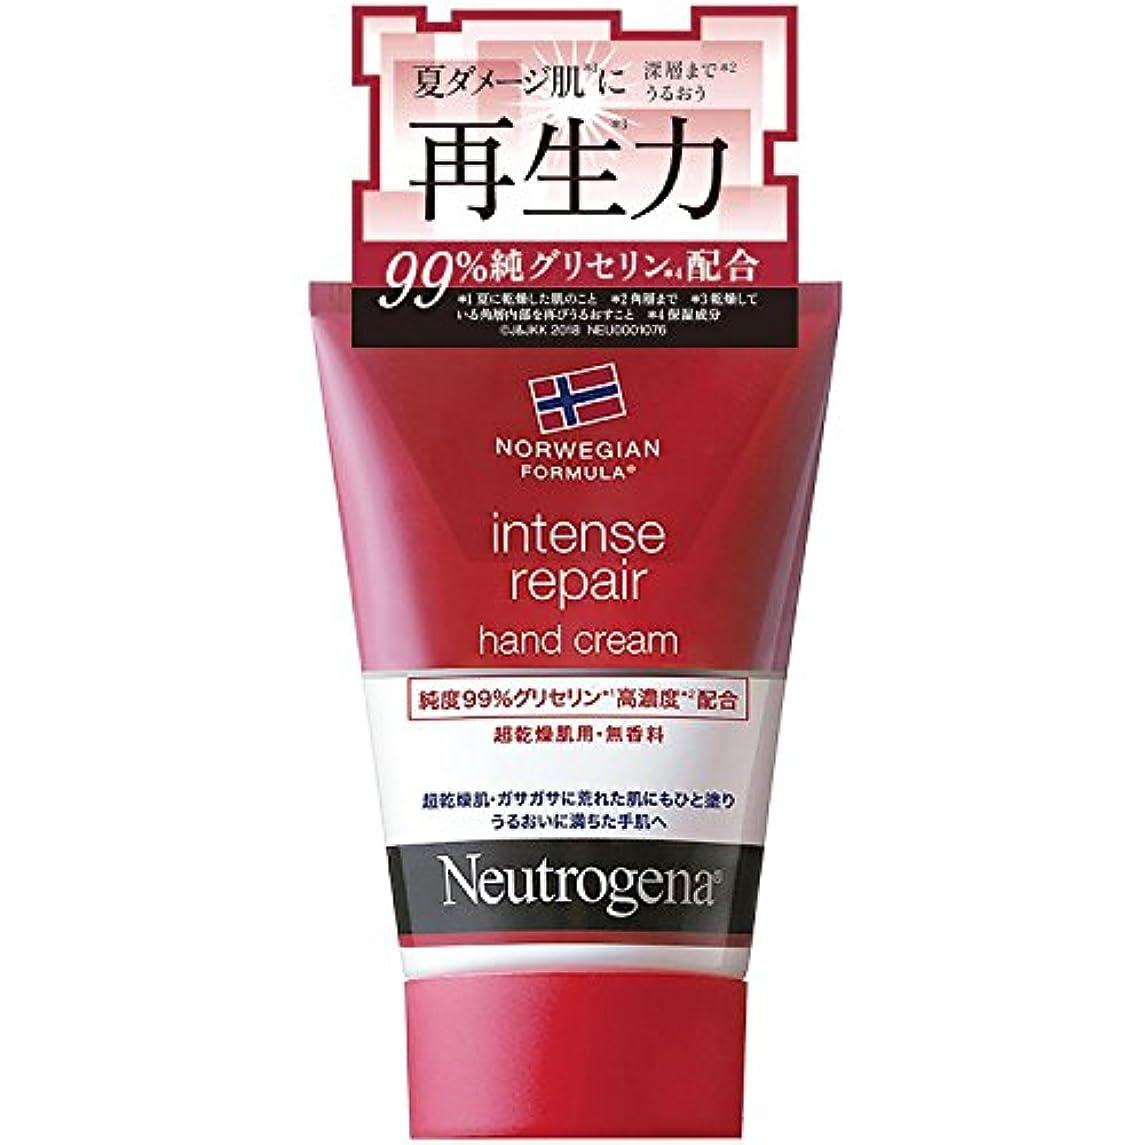 平日虚弱反動Neutrogena(ニュートロジーナ) ノルウェーフォーミュラ インテンスリペア ハンドクリーム 超乾燥肌用 無香料 単品 50g